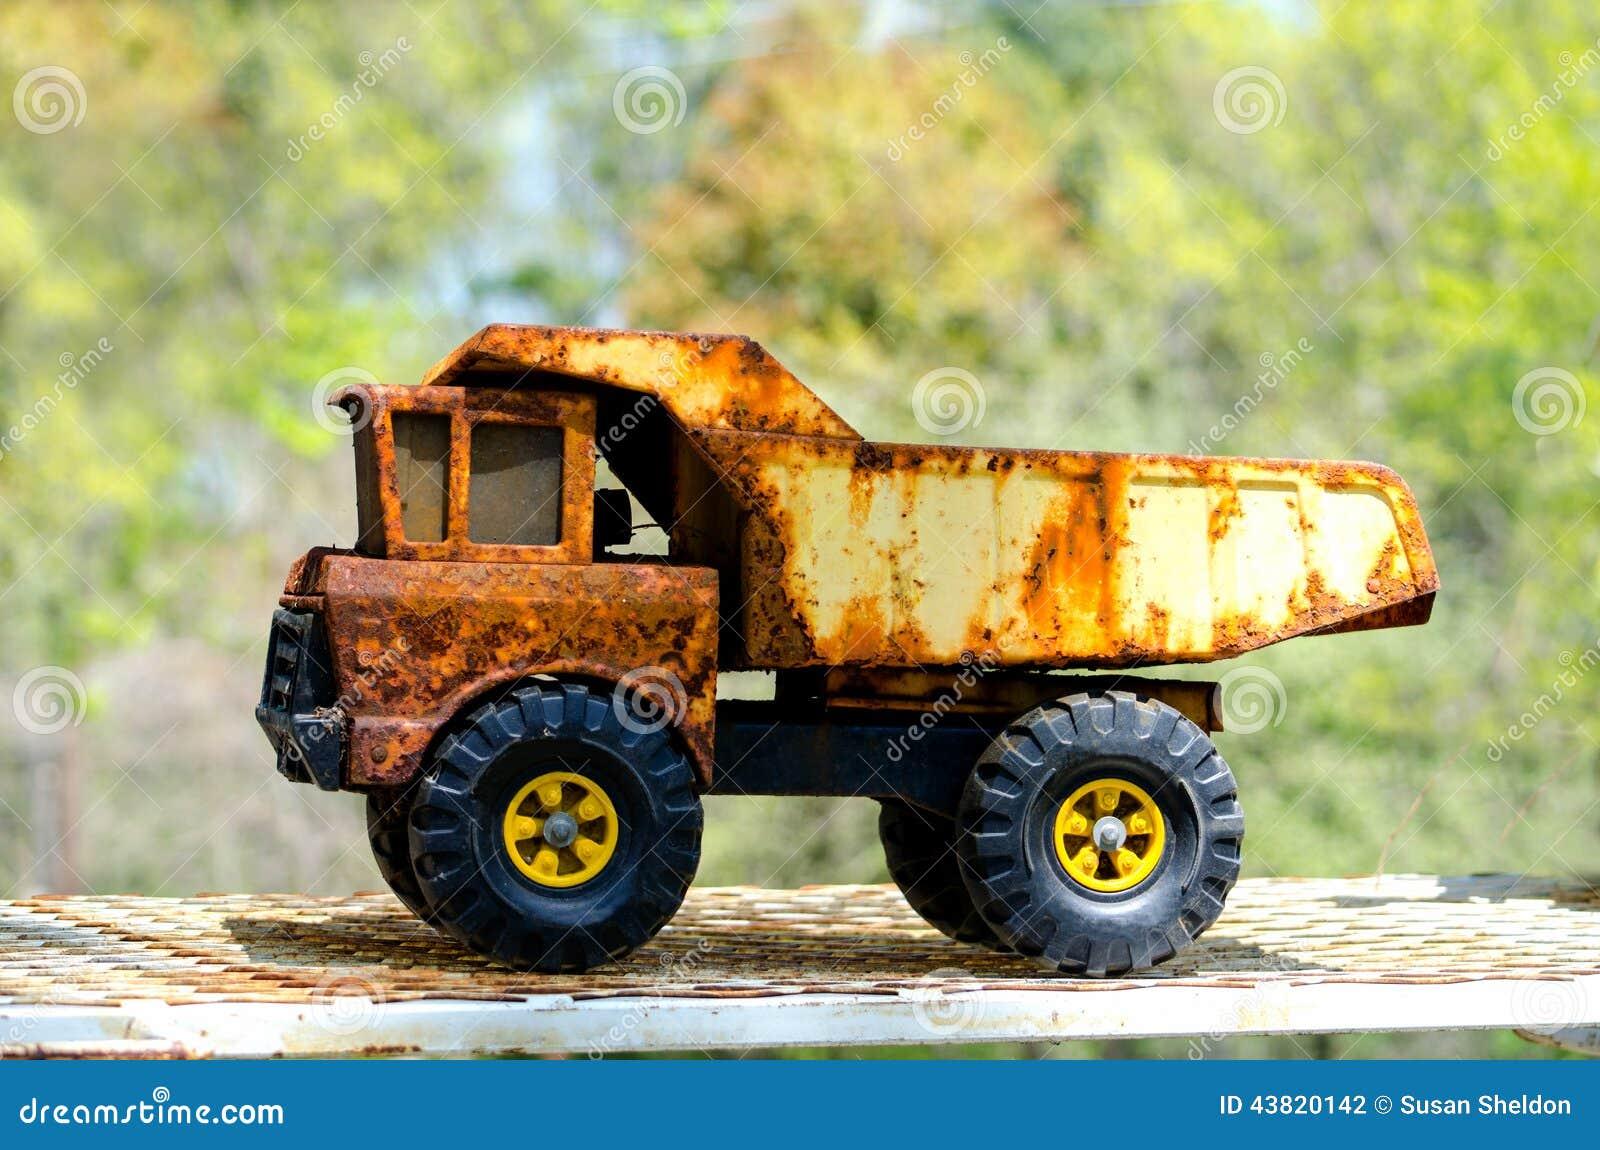 40 ans après... Corvette H.M.S. Bluebell - Class Flower - MATCHBOX - 1/72e - Page 4 Vieux-camion-%C3%A0-benne-basculante-rouill%C3%A9-de-jouet-43820142